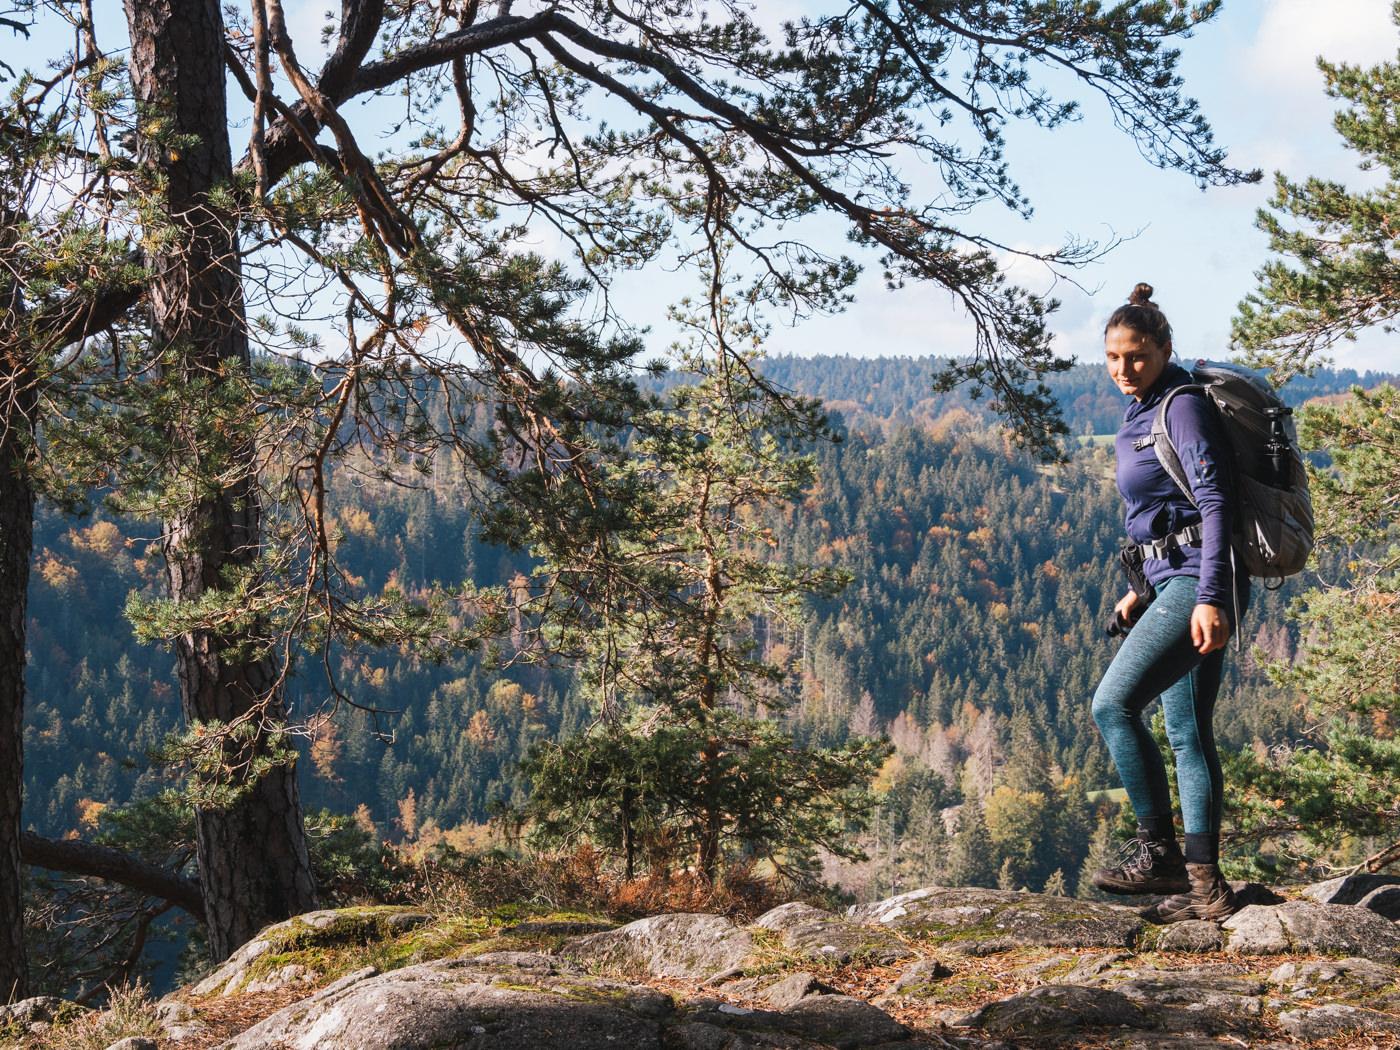 Herbstwanderung auf dem Albsteig im Schwarzwald